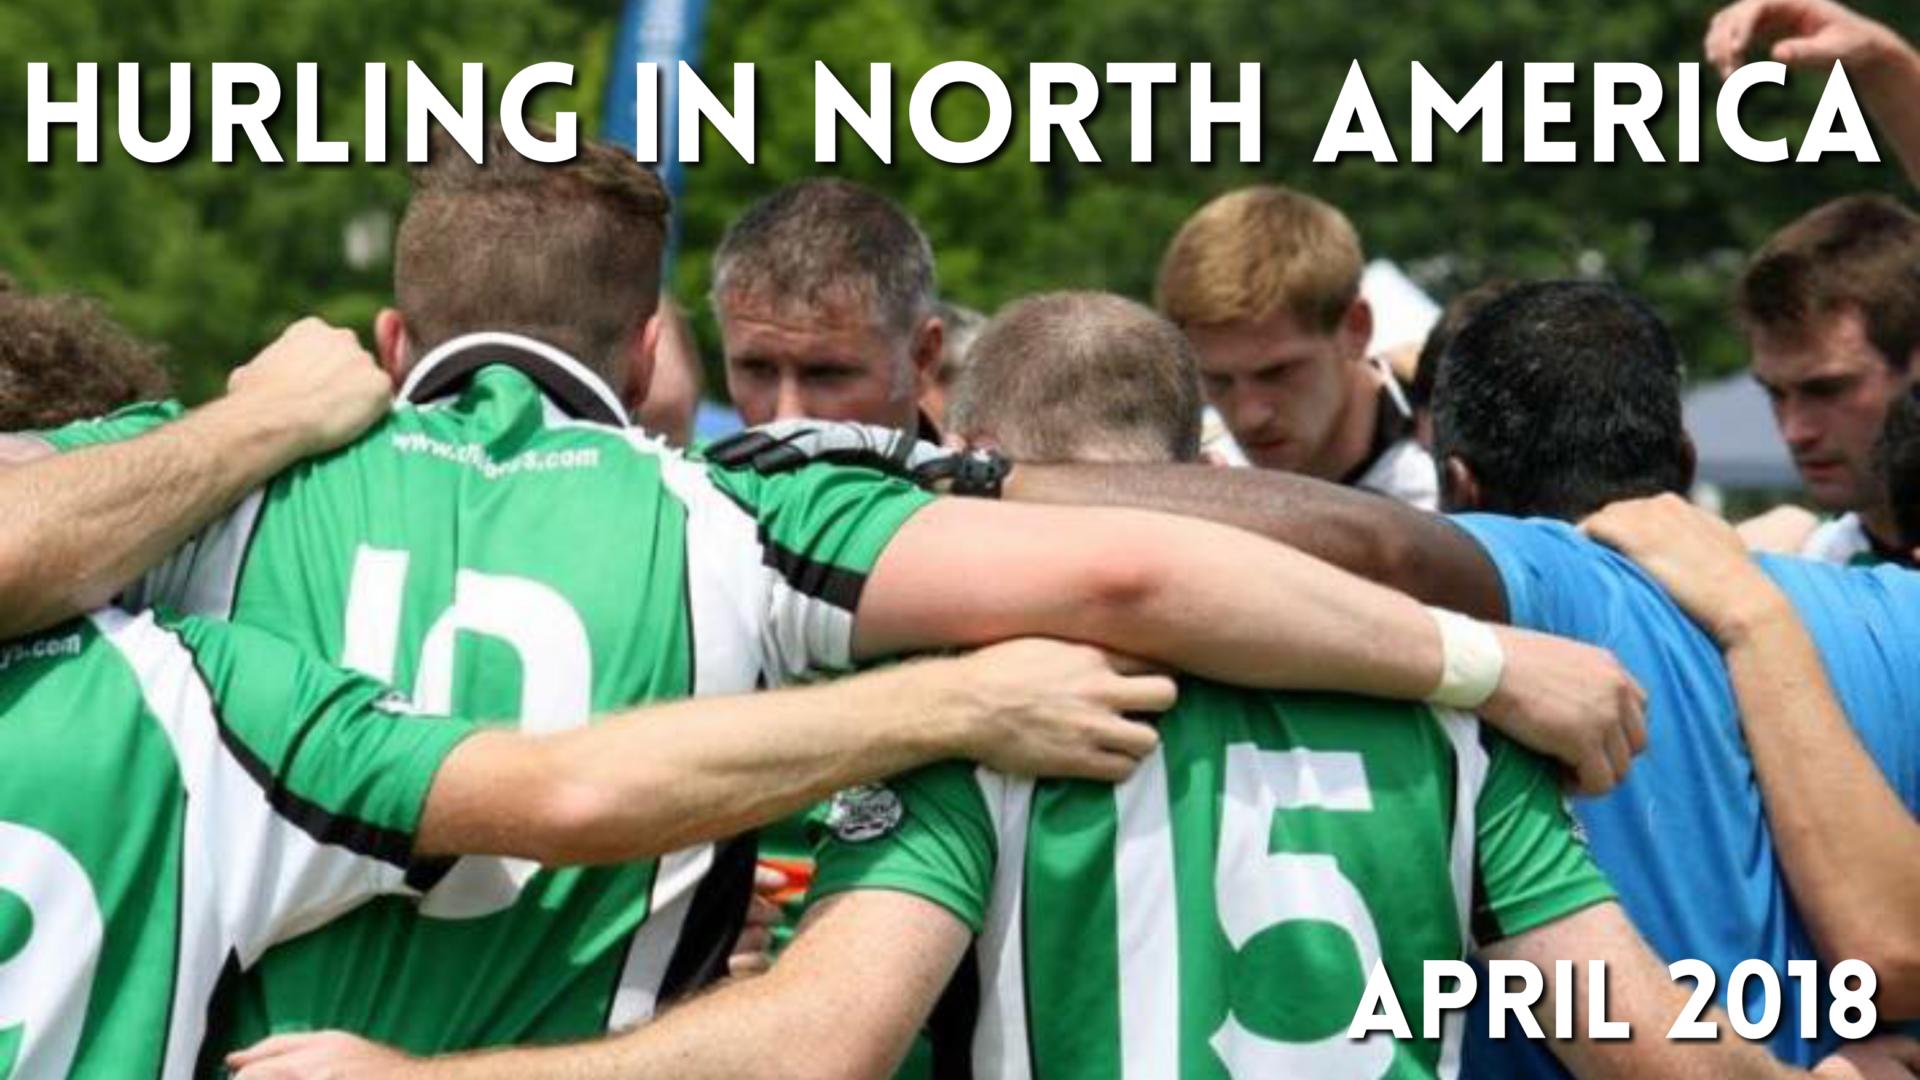 hurling in north america news april